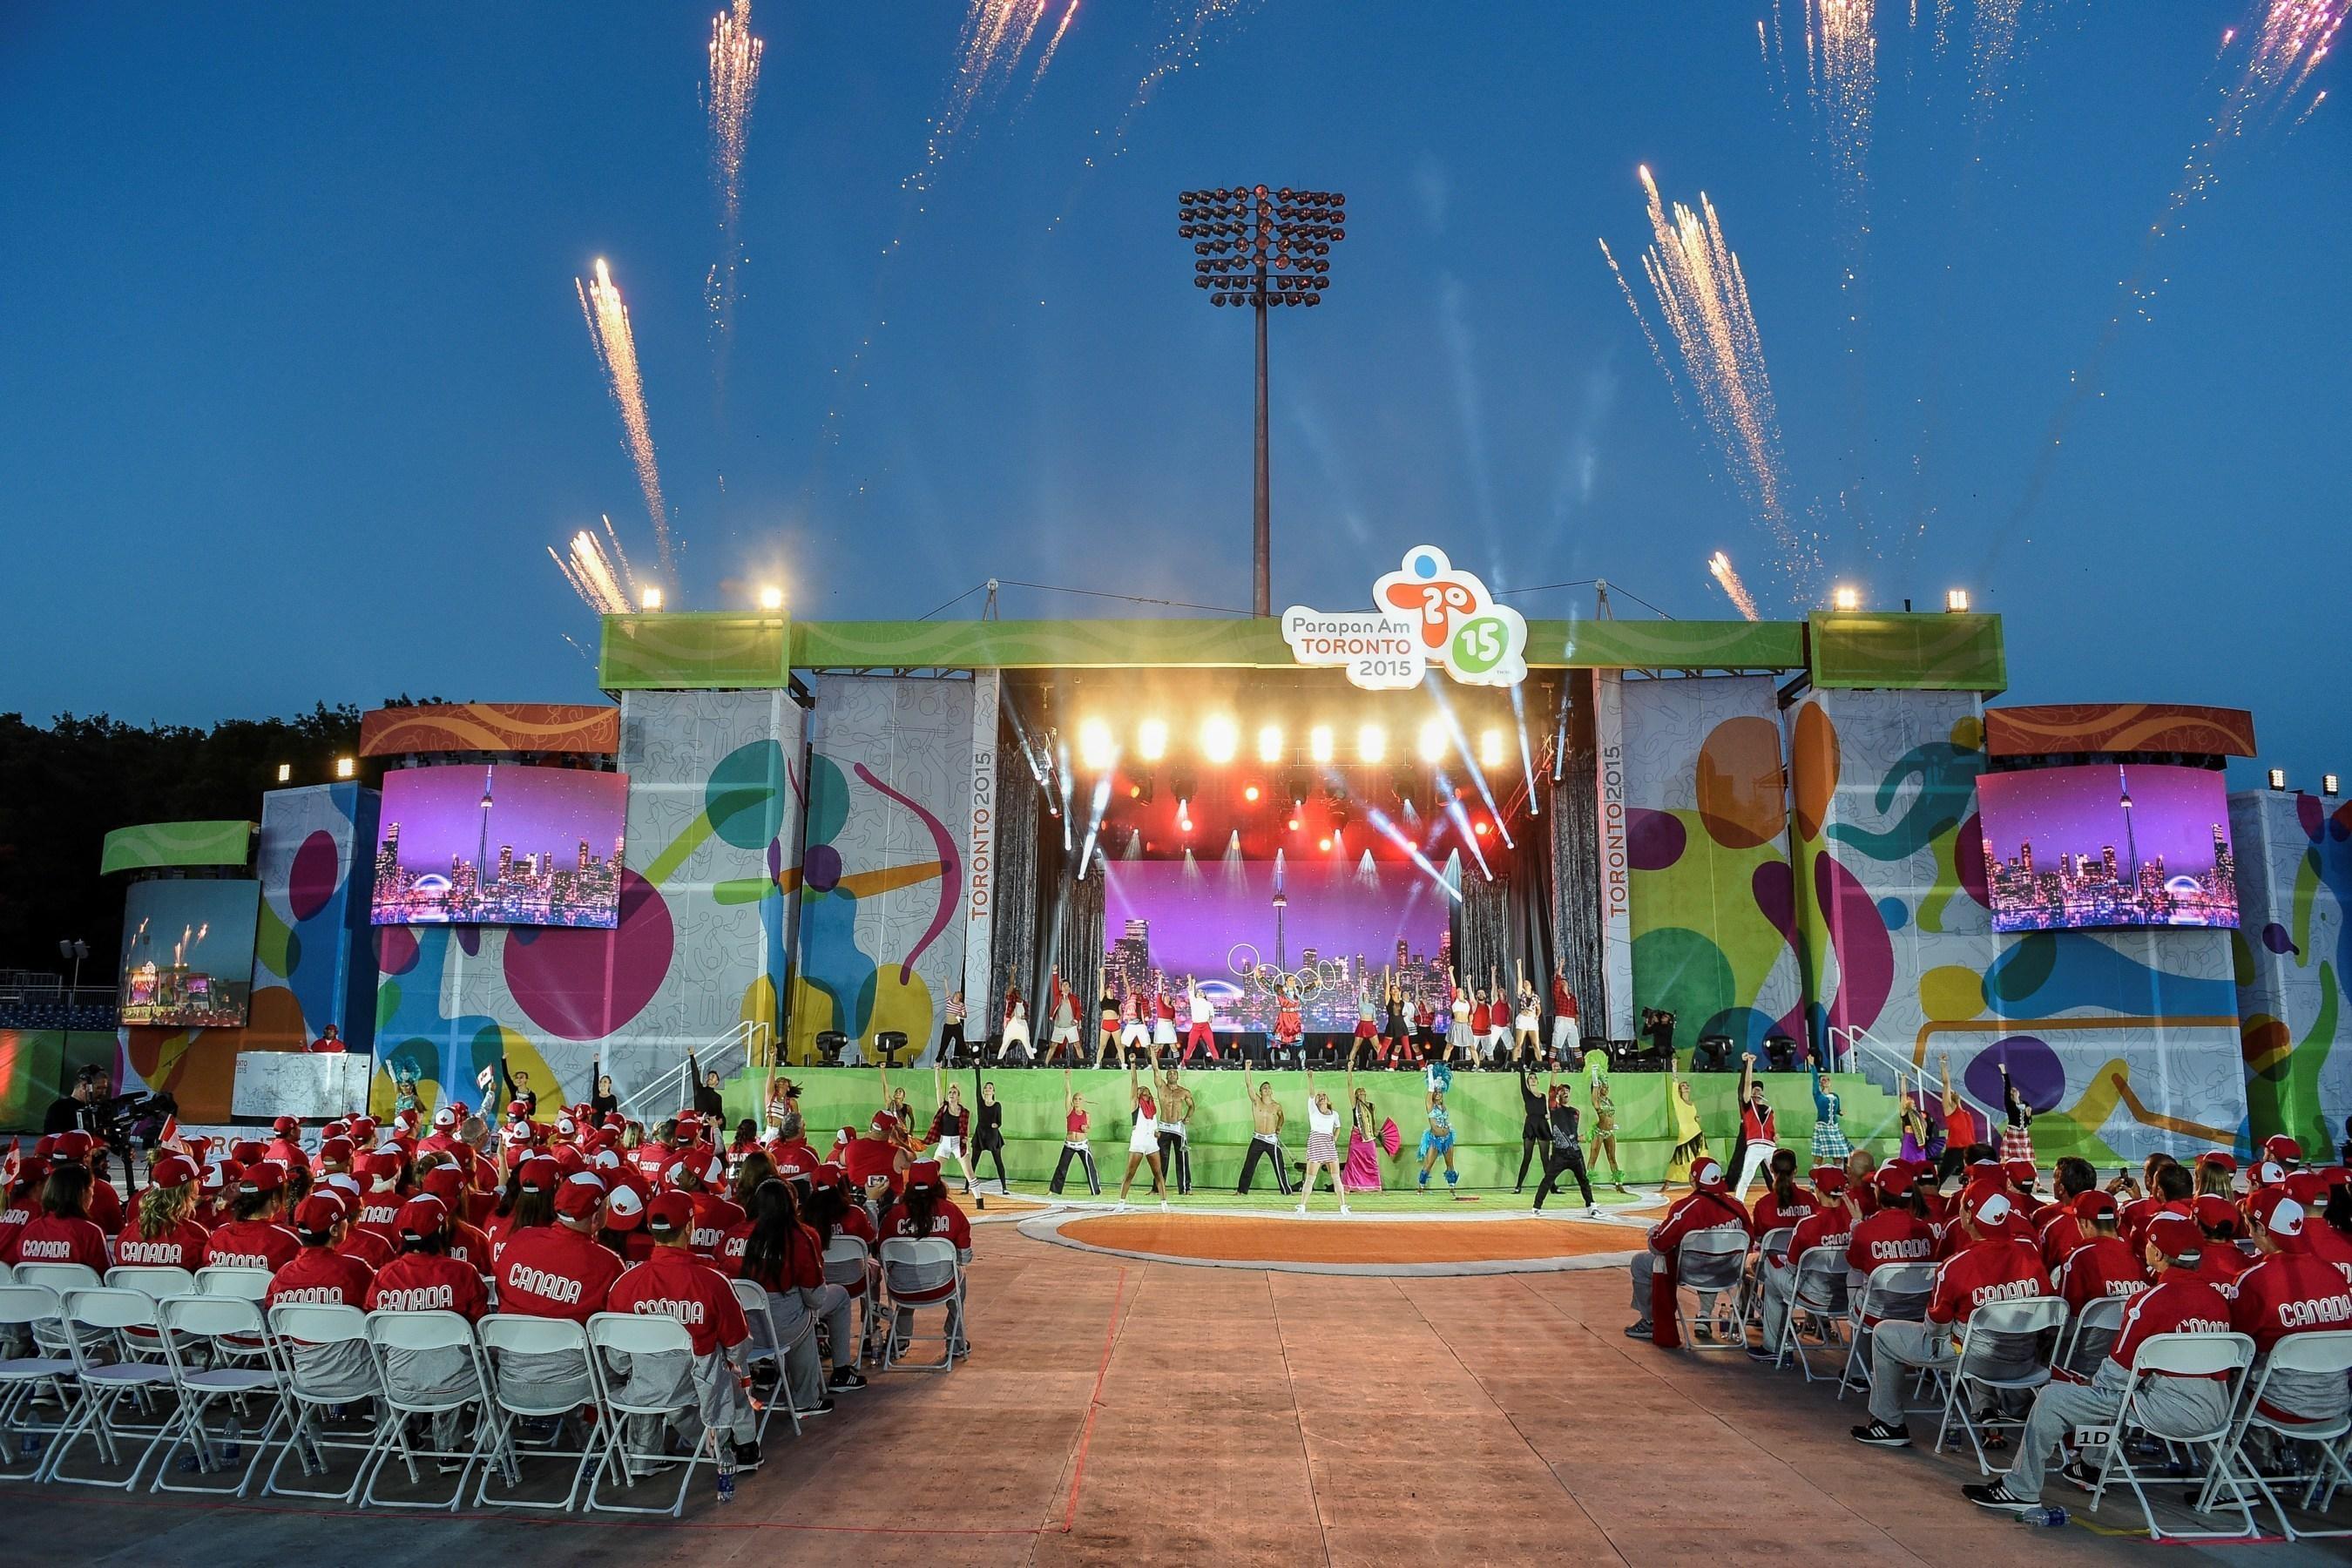 TO2015 realiza a cerimônia de abertura do maior de todos os Jogos Parapan-americanos